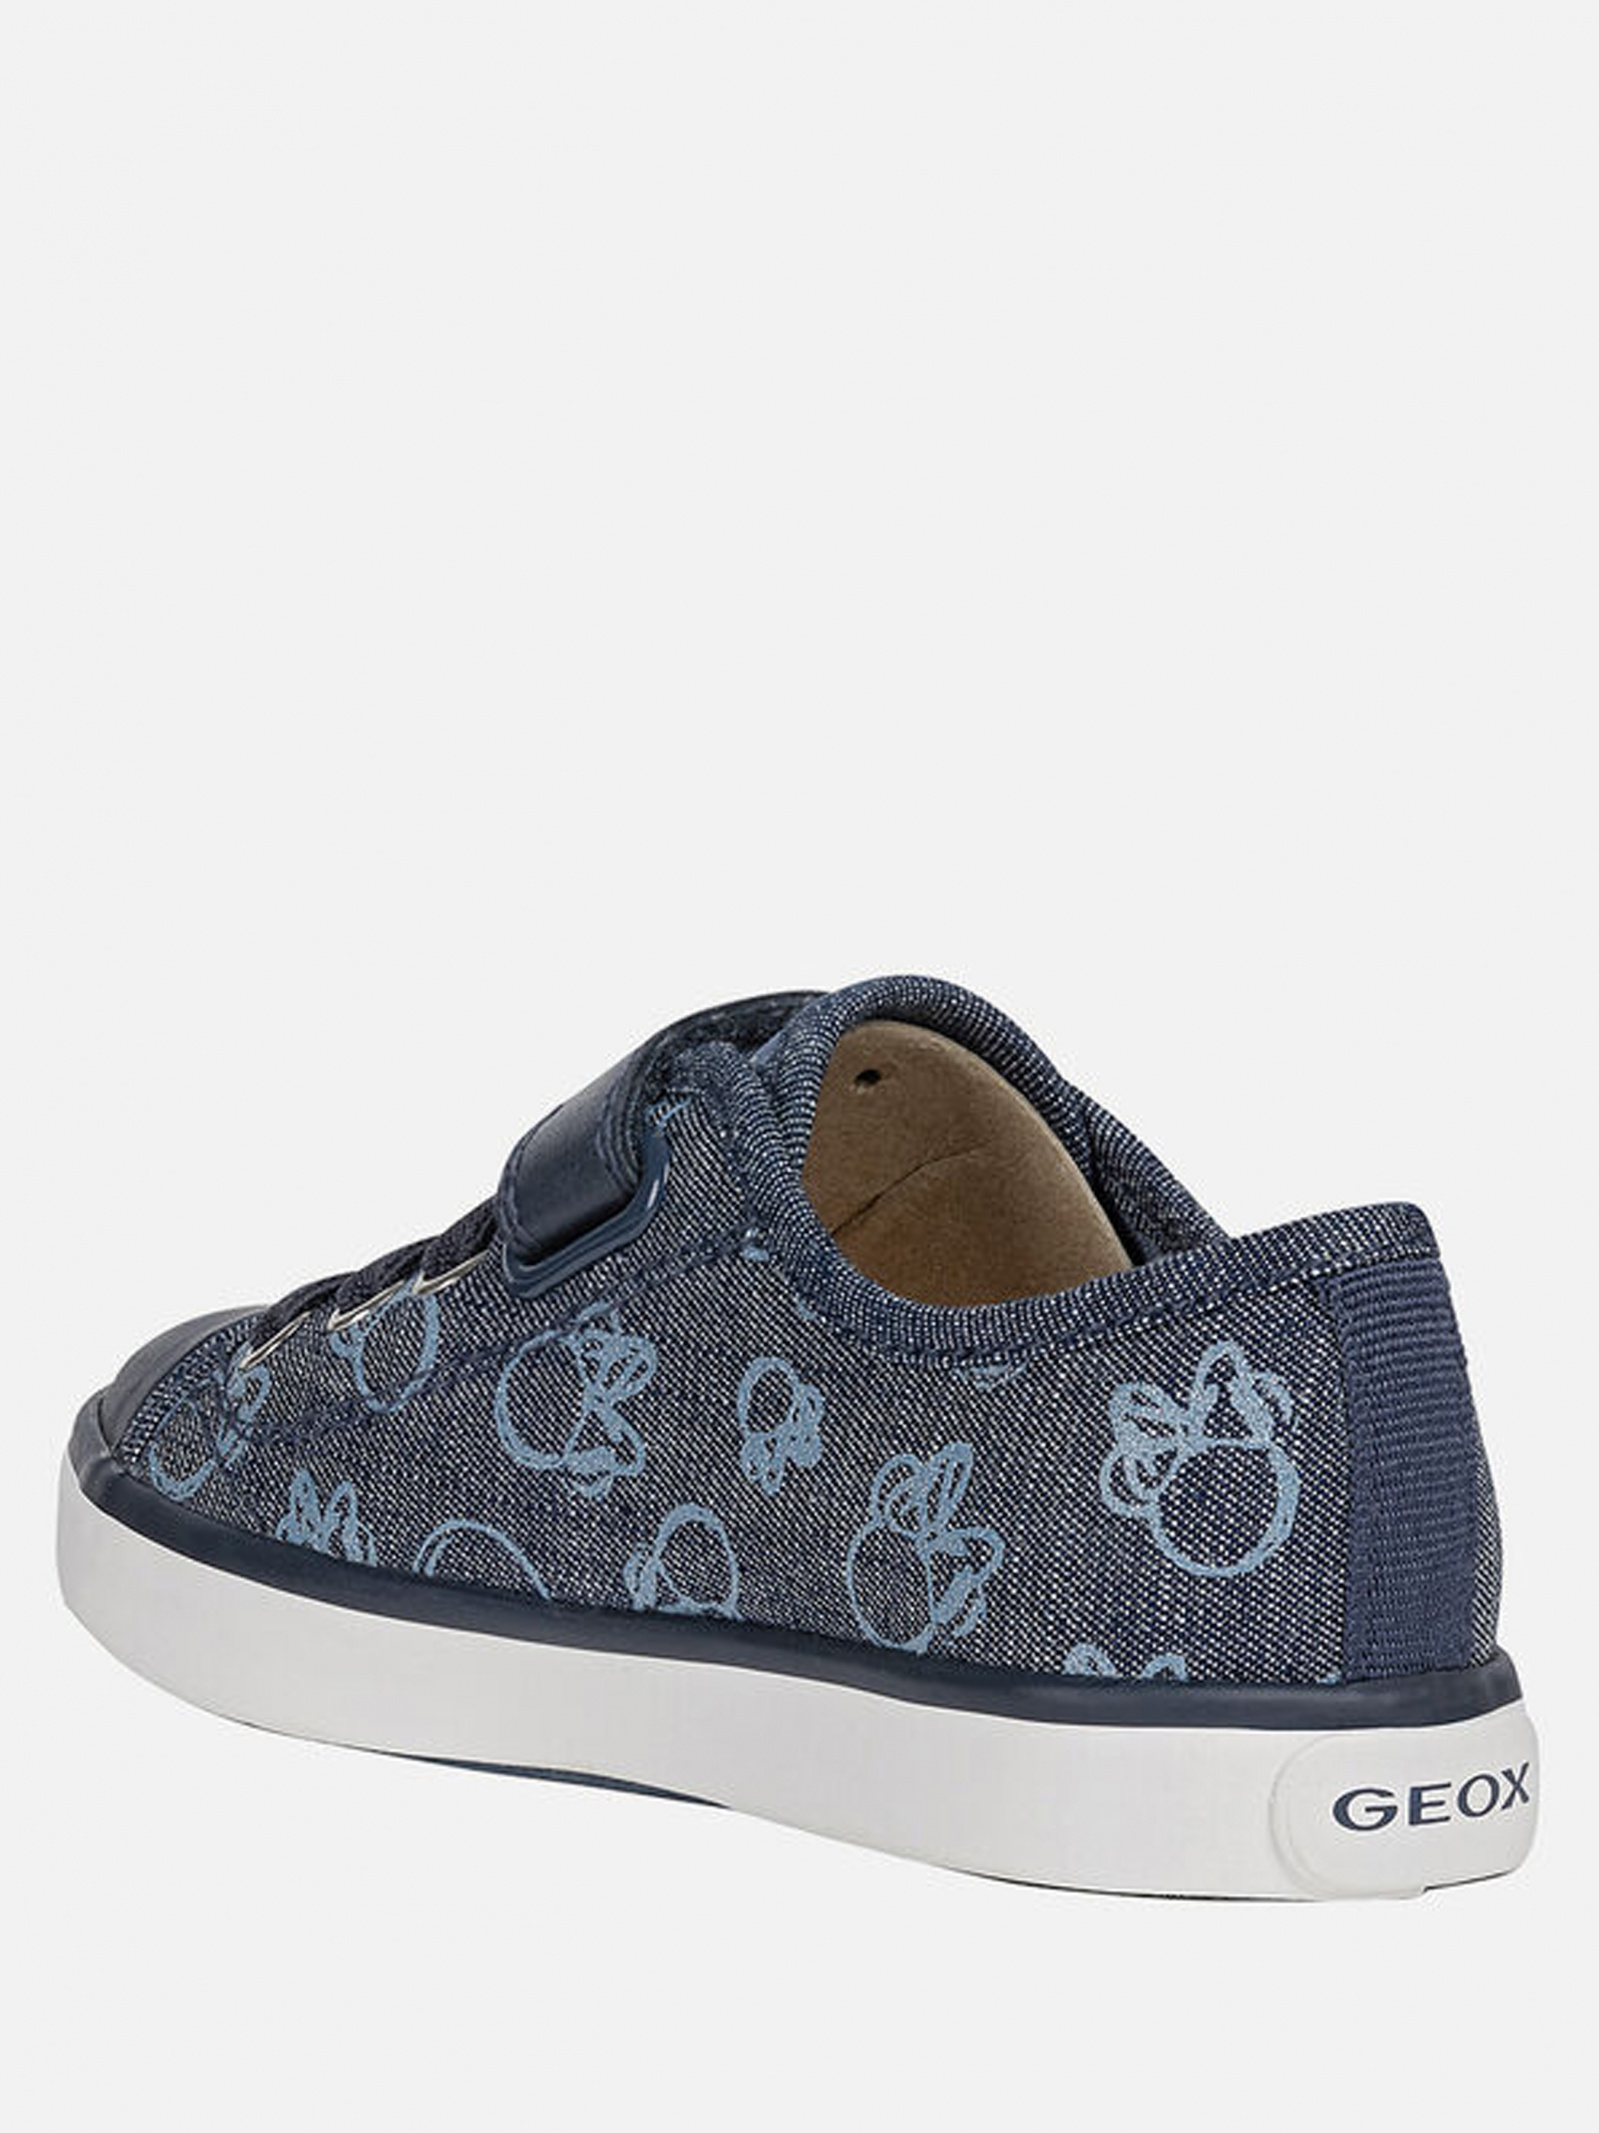 Напівчеревики  дитячі Geox JR CIAK GIRL J9204J-000SB-C4005 розмірна сітка взуття, 2017